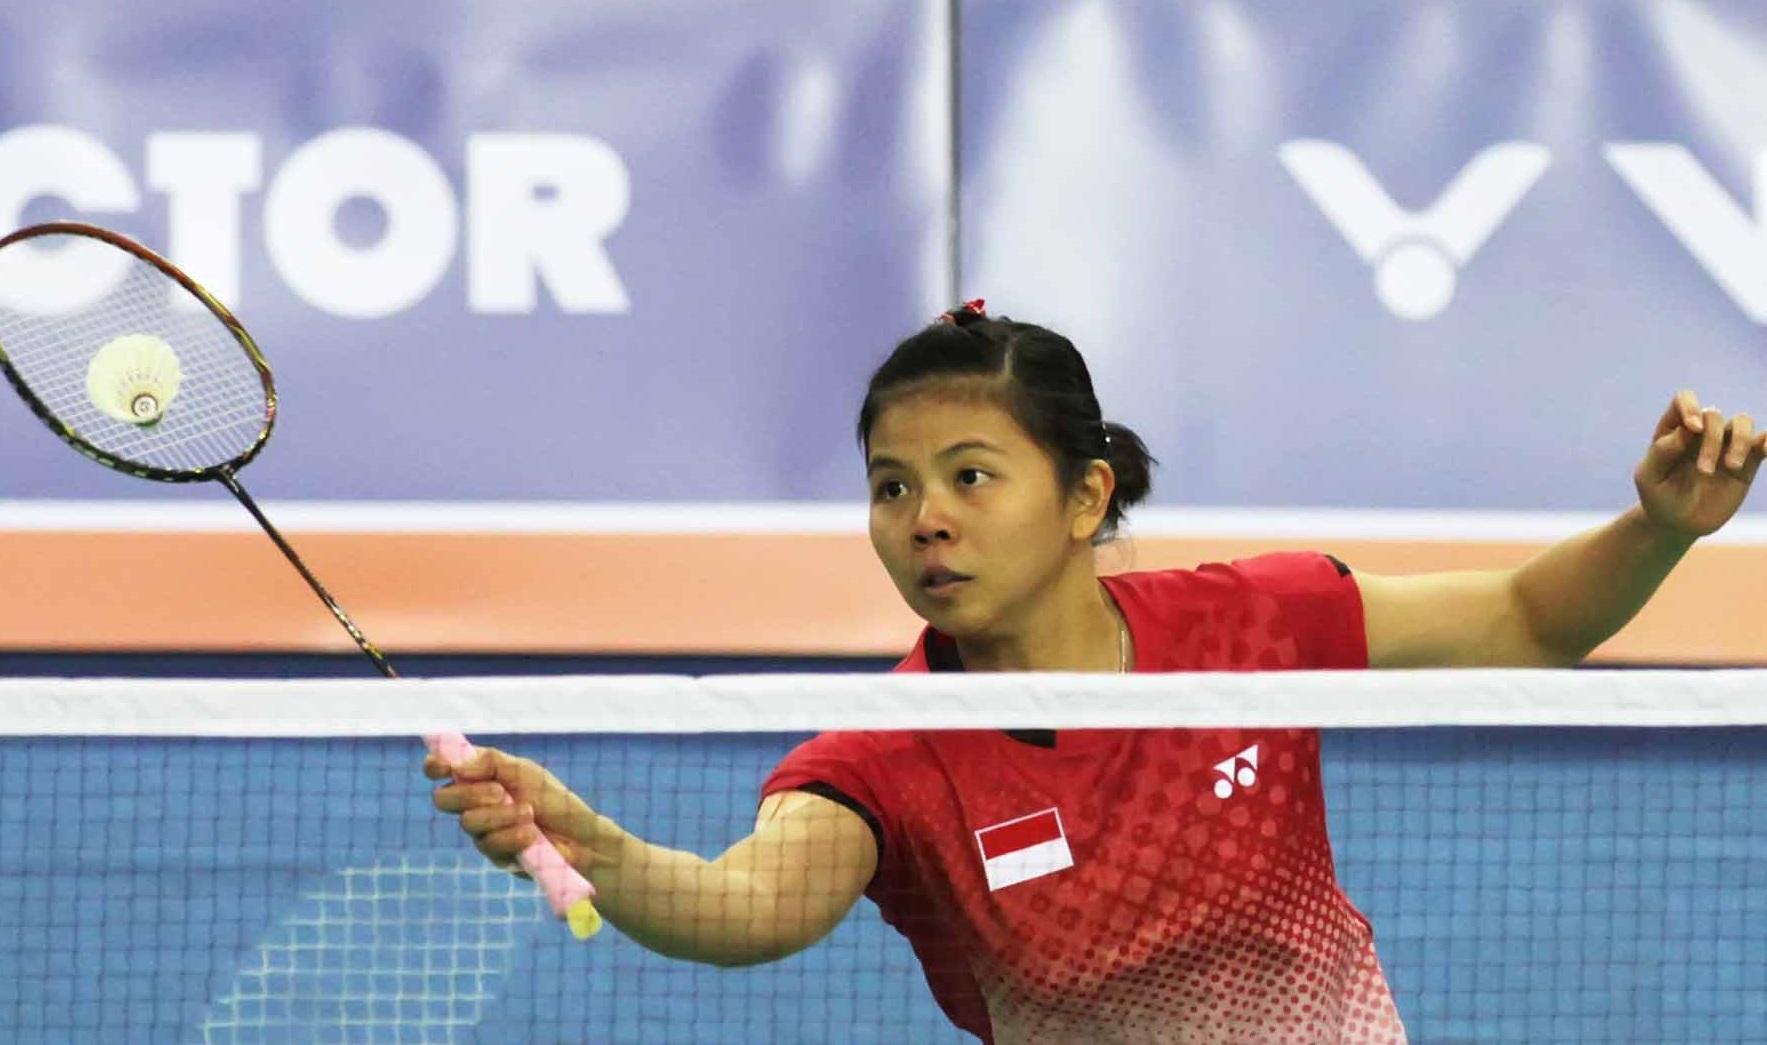 Aturan Servis Baru Bisa Untungkan Pemain Indonesia